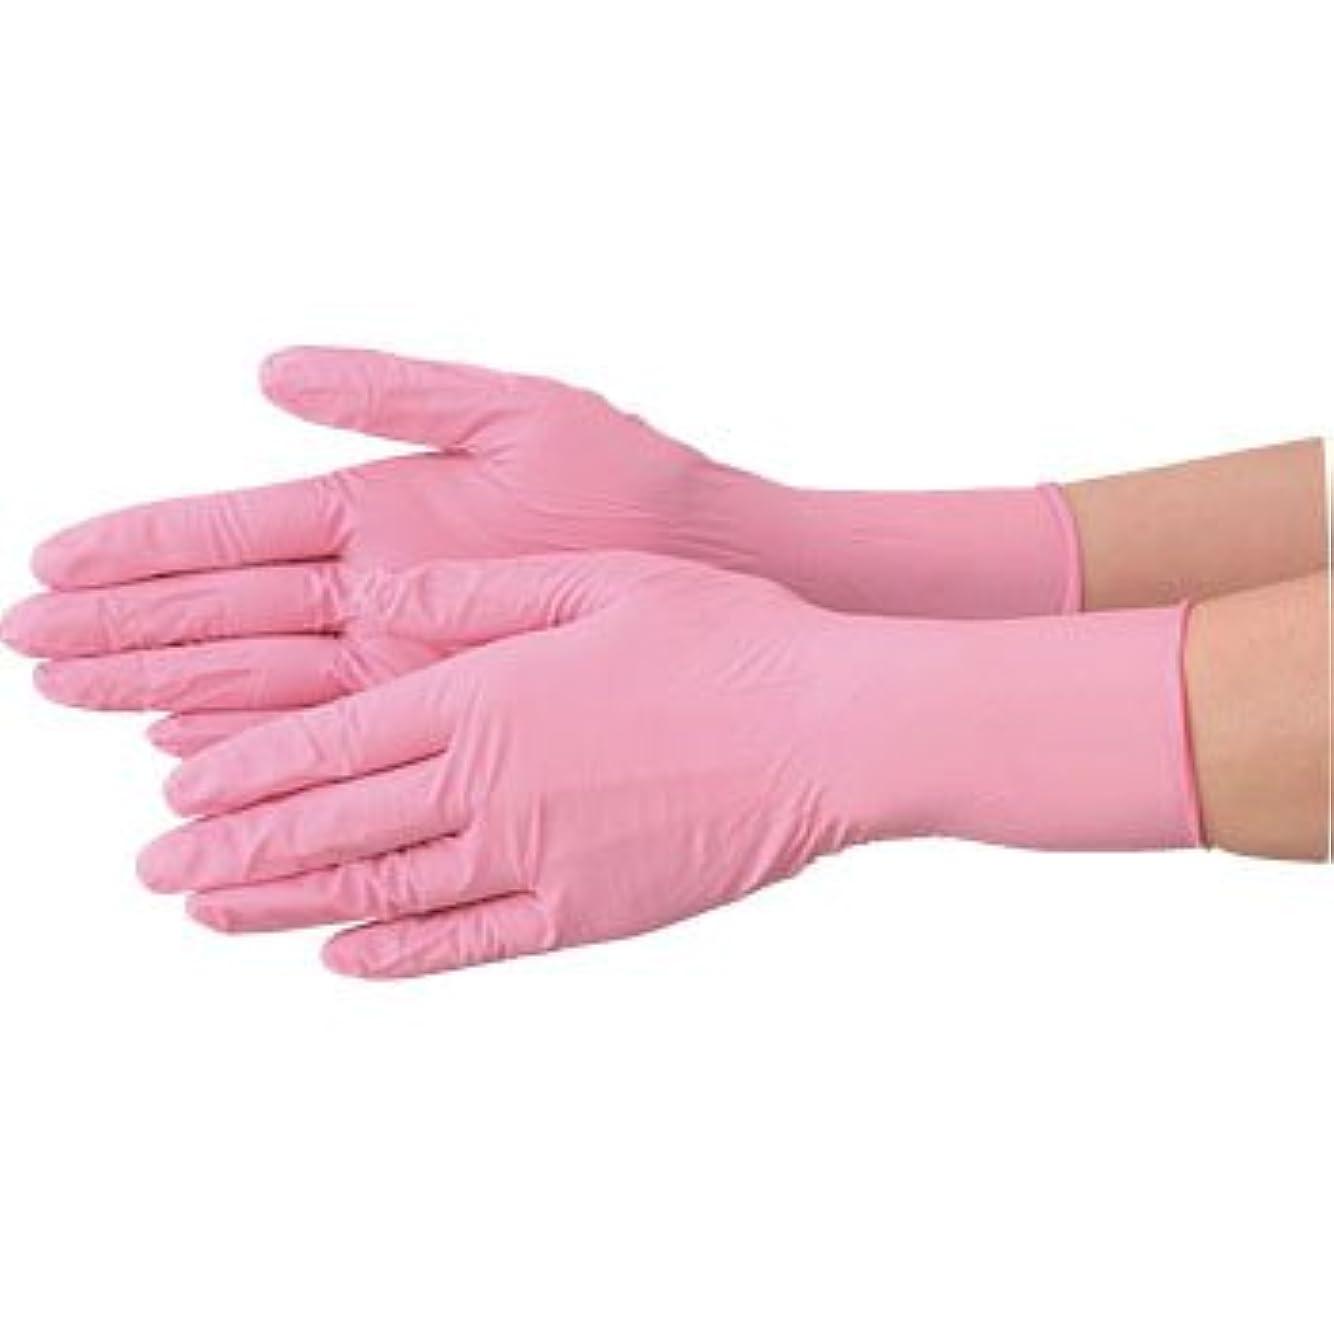 開示するバイナリ天窓使い捨て 手袋 エブノ 570 ニトリル ピンク Mサイズ パウダーフリー 2ケース(100枚×60箱)